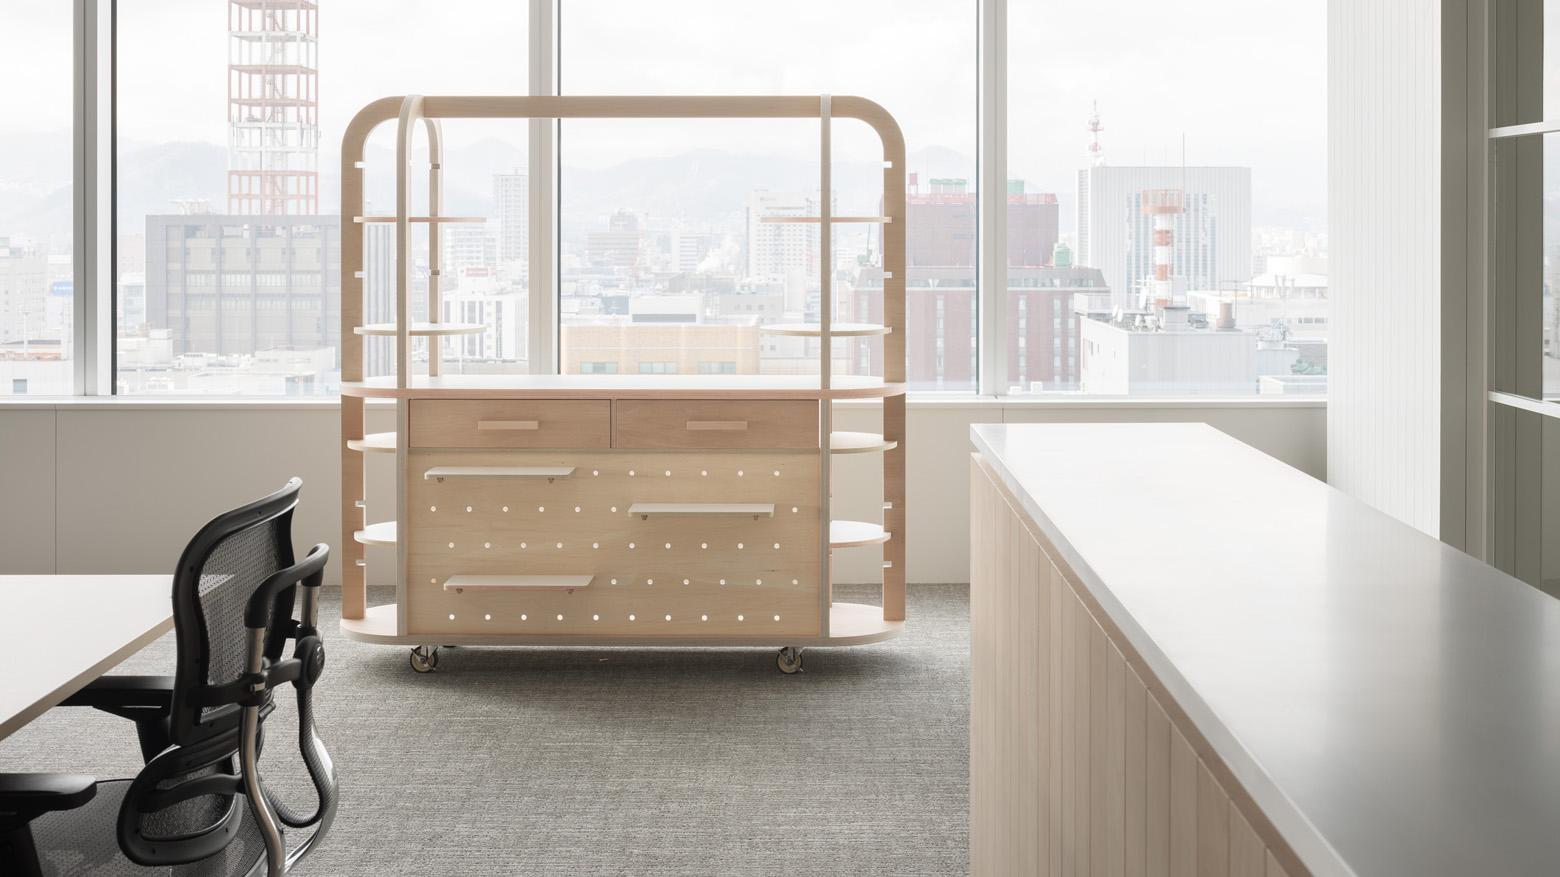 ダイアモンドヘッド株式会社  Sapporo Office Original Furniture_2 デザイン・レイアウト事例